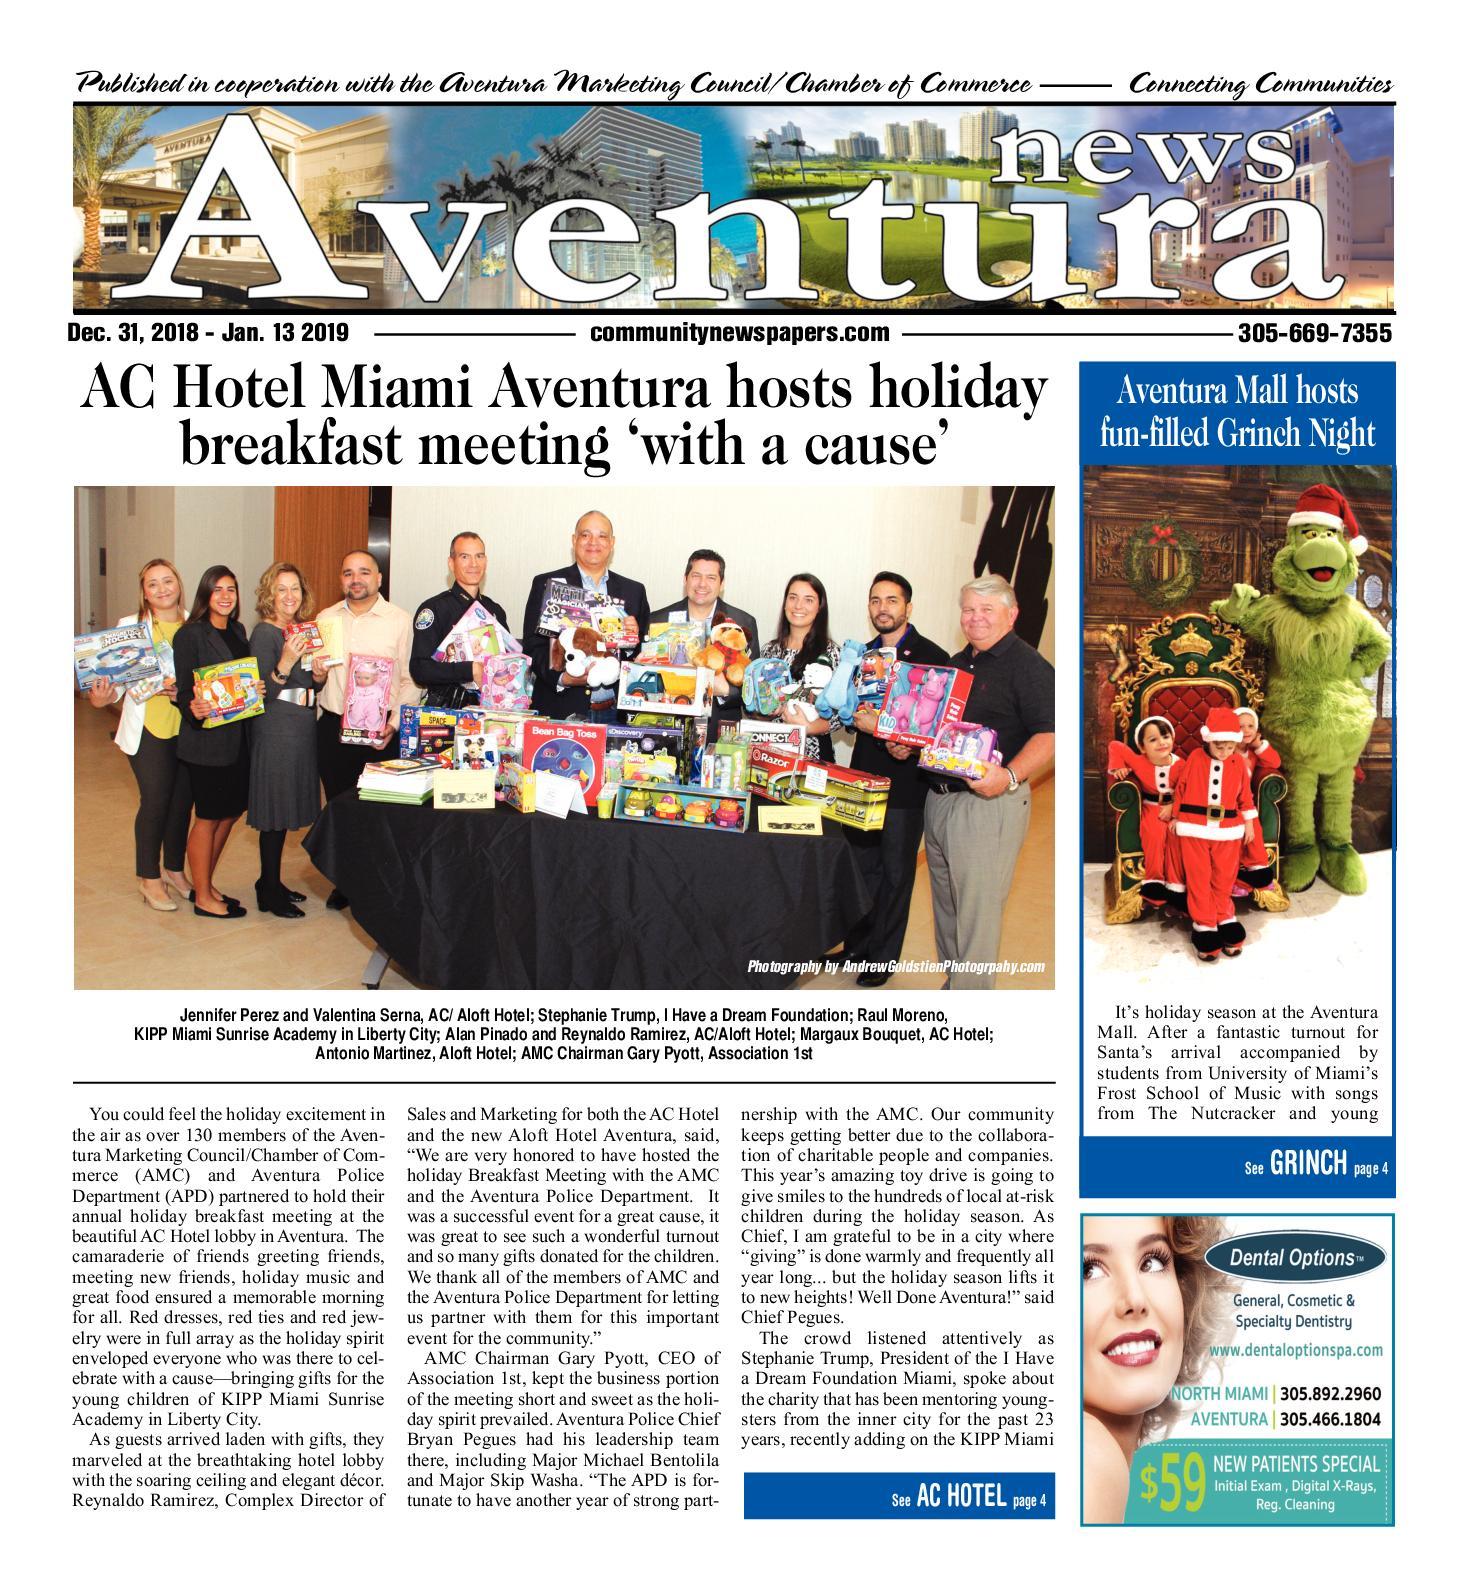 Anabel Alonso Hot calaméo - aventura news 12.31.18